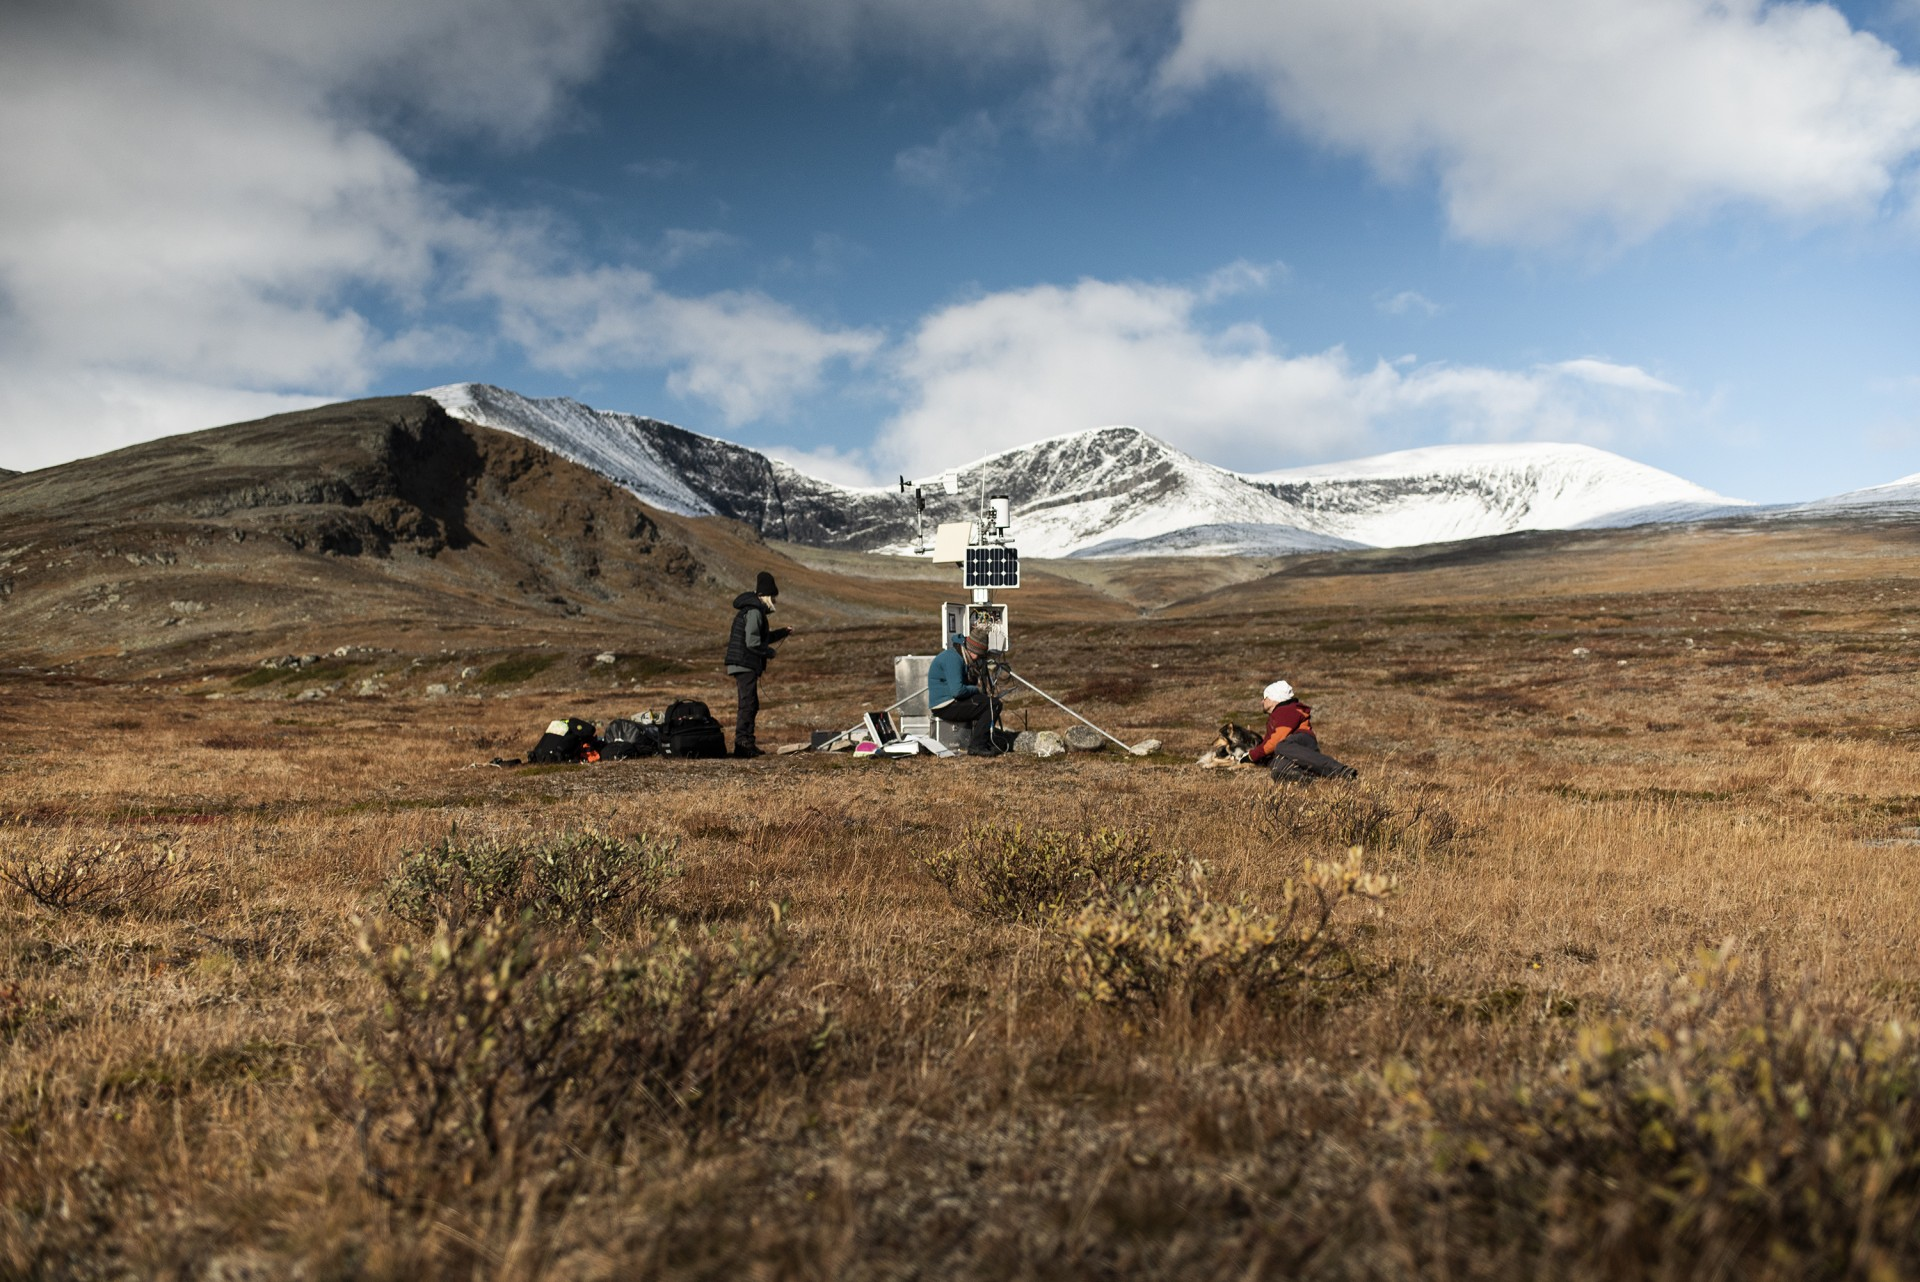 Forskare från Tarfala forskningsstation, Stockholms universitet, installerar mätinstrument i Laevas